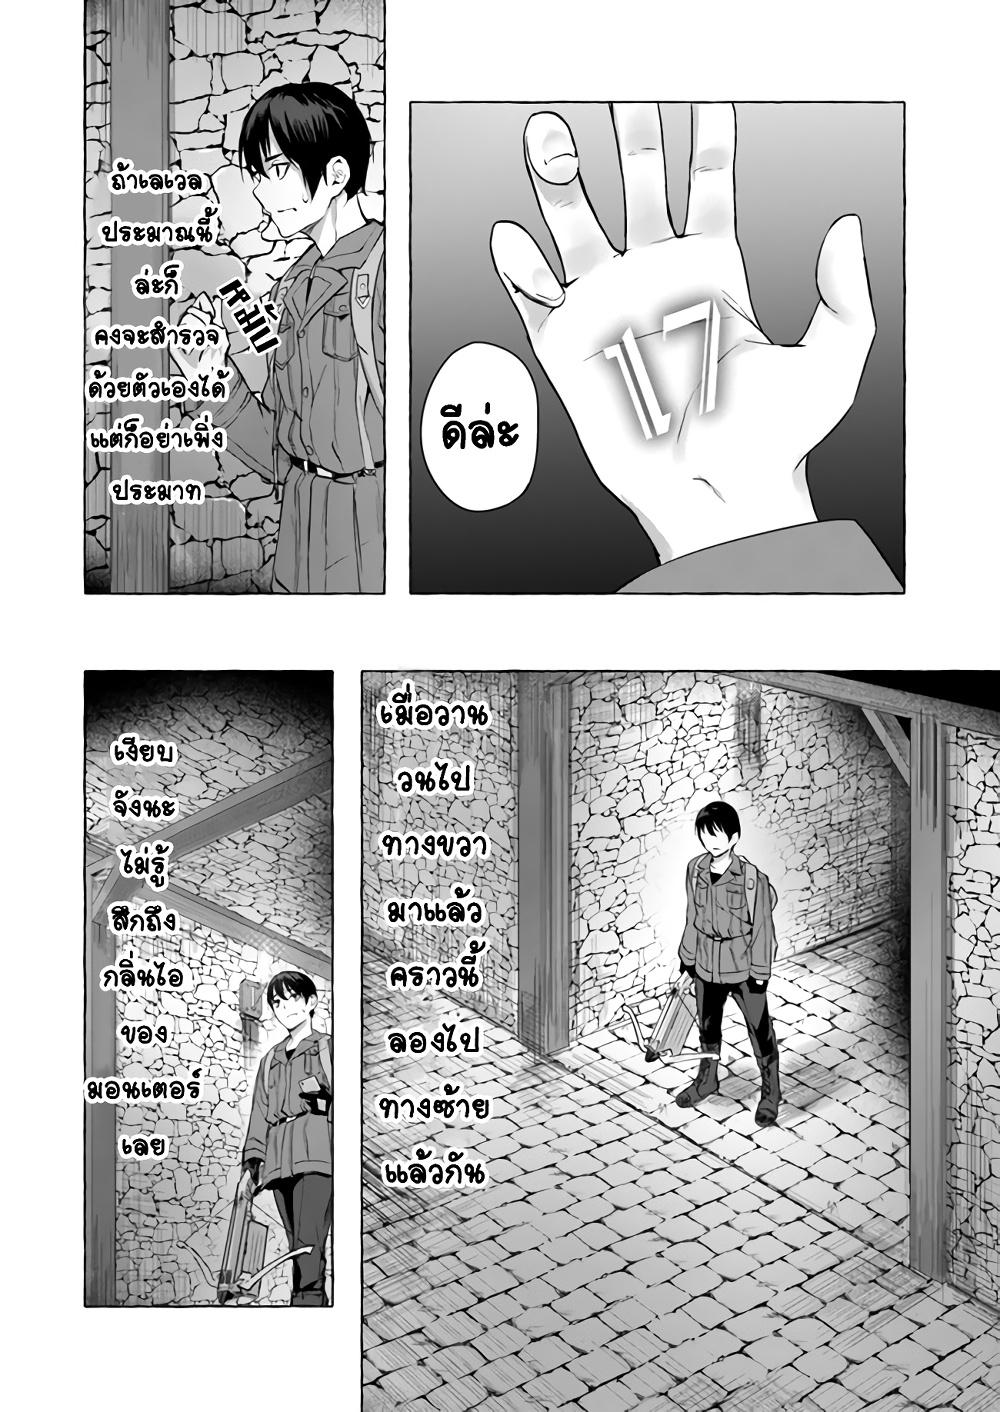 อ่านการ์ตูน Sex and Dungeon! ตอนที่ 9 หน้าที่ 21